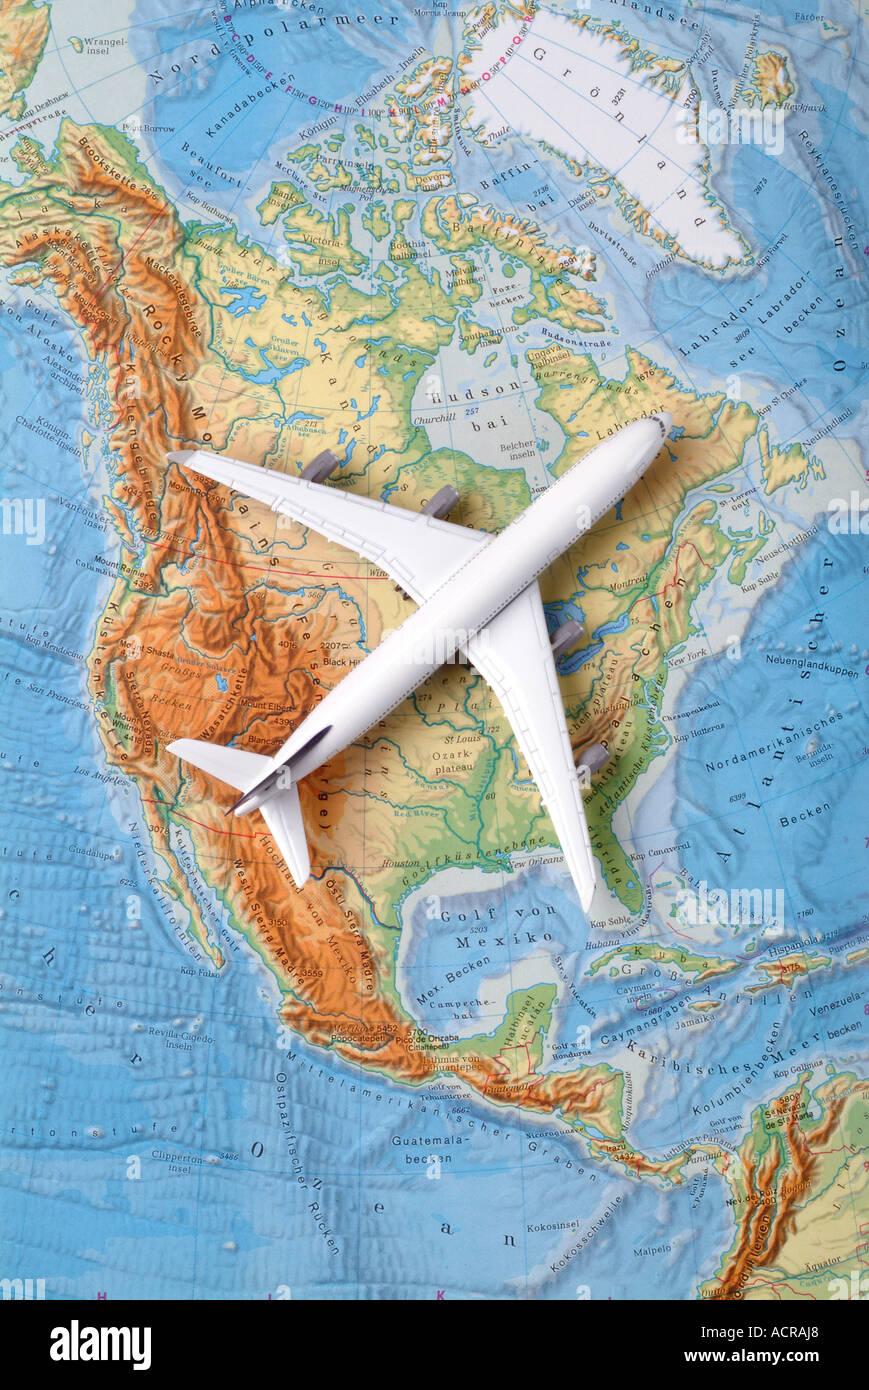 airplane on a map of north america Flugzeug auf einer Karte von USA Nordamerika Kanada - Stock Image